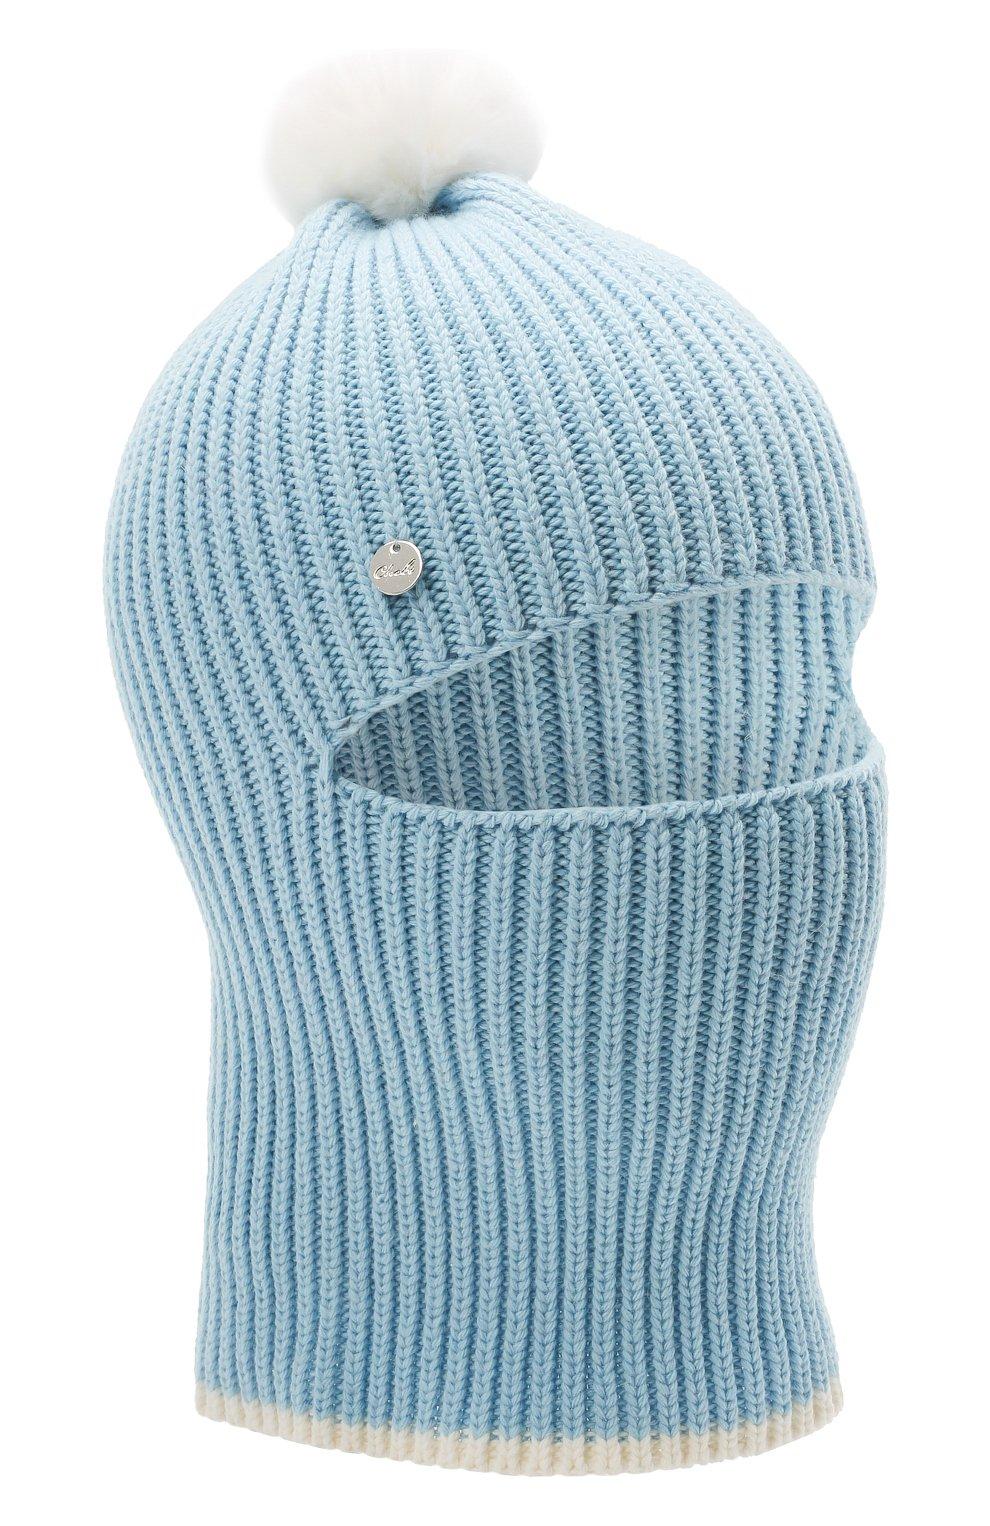 Детского хлопковая шапка-балаклава CHOBI голубого цвета, арт. WH-3012   Фото 1 (Материал: Текстиль, Синтетический материал, Хлопок)